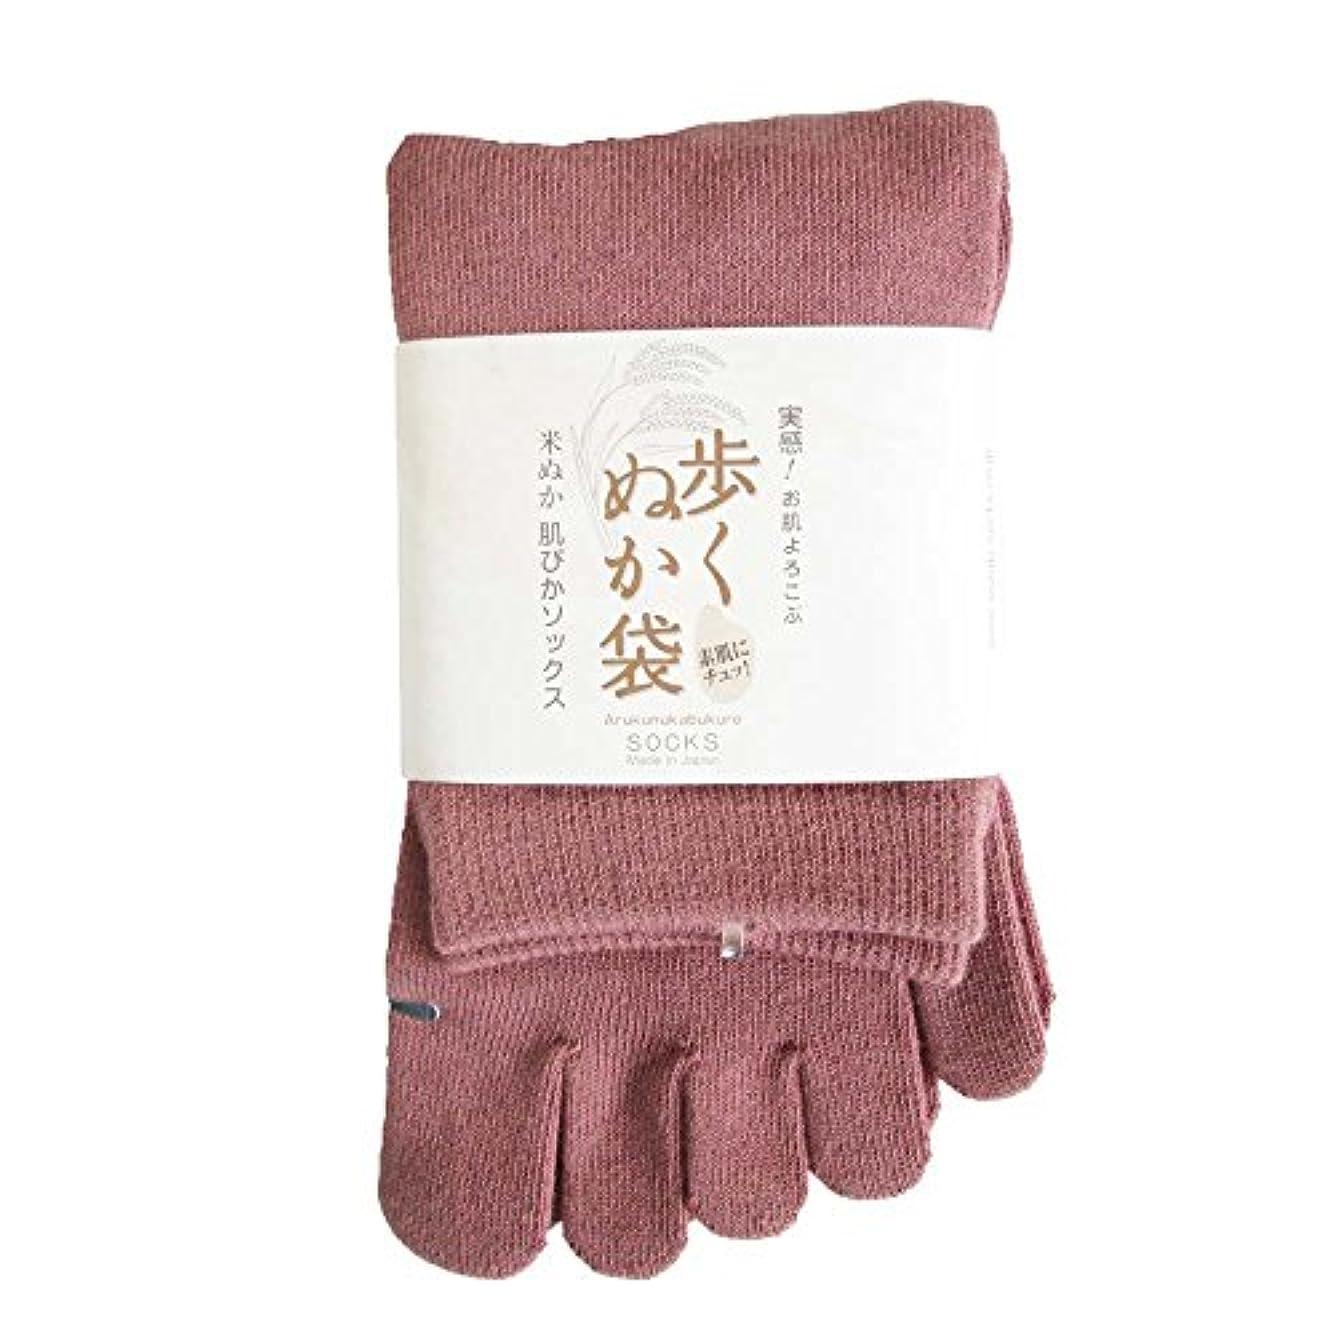 台無しに覚醒セミナー歩くぬか袋 米ぬかシリコン五本指 23-25cm ピンク